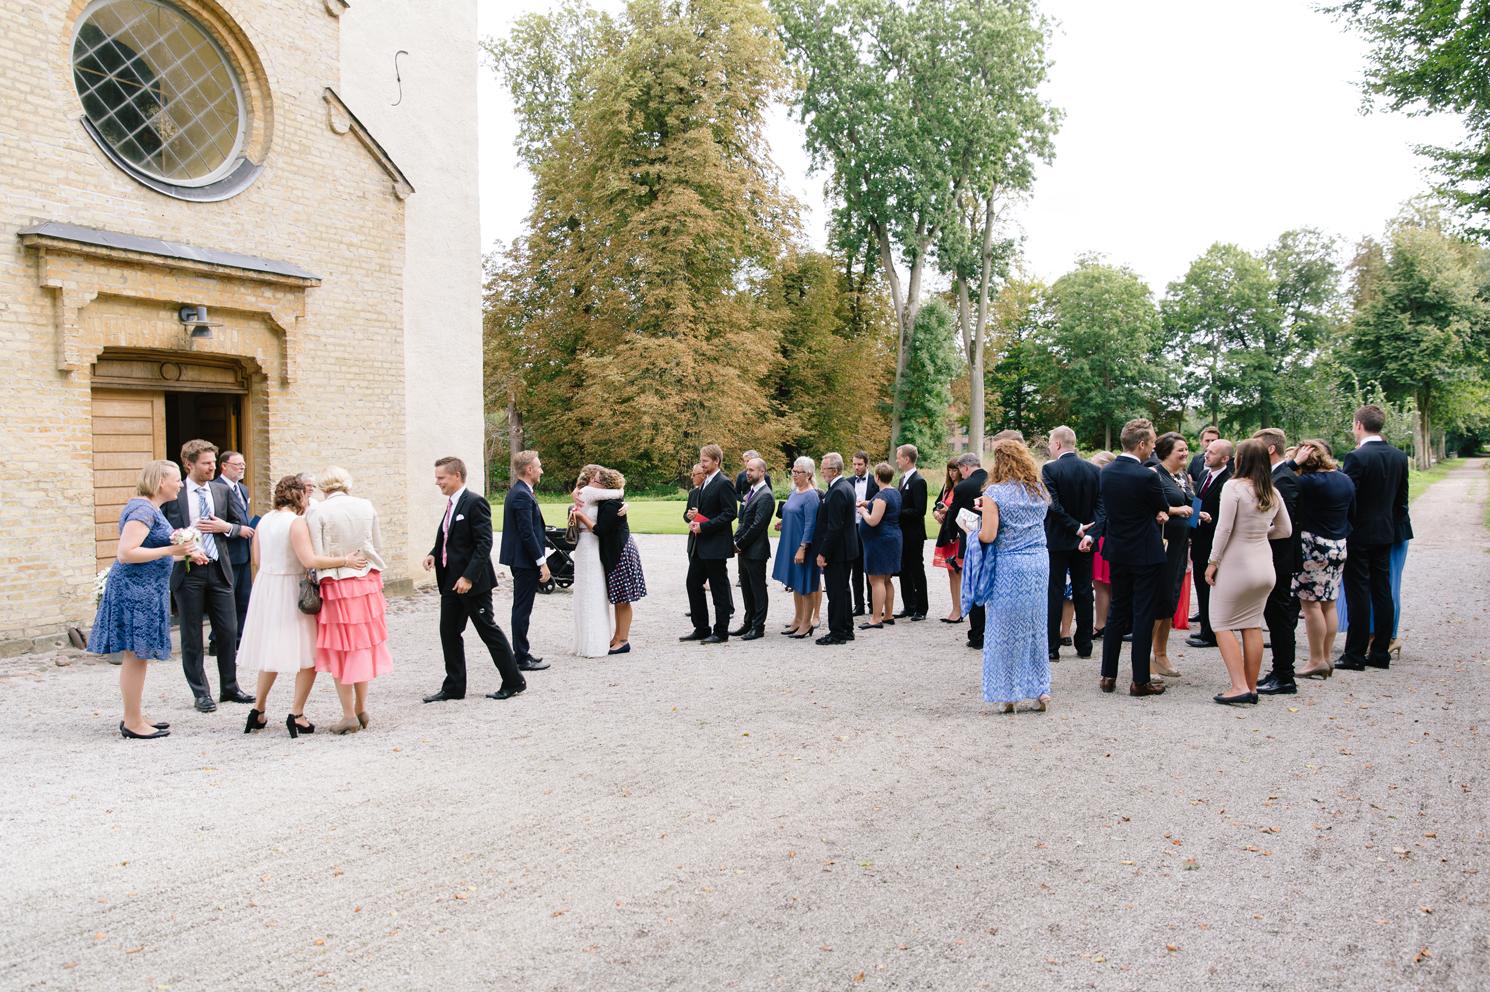 brollopsfotografering-maria-o-photo-vigsel-ortofta-slott-ortofta-kyrka-gratulationer-5